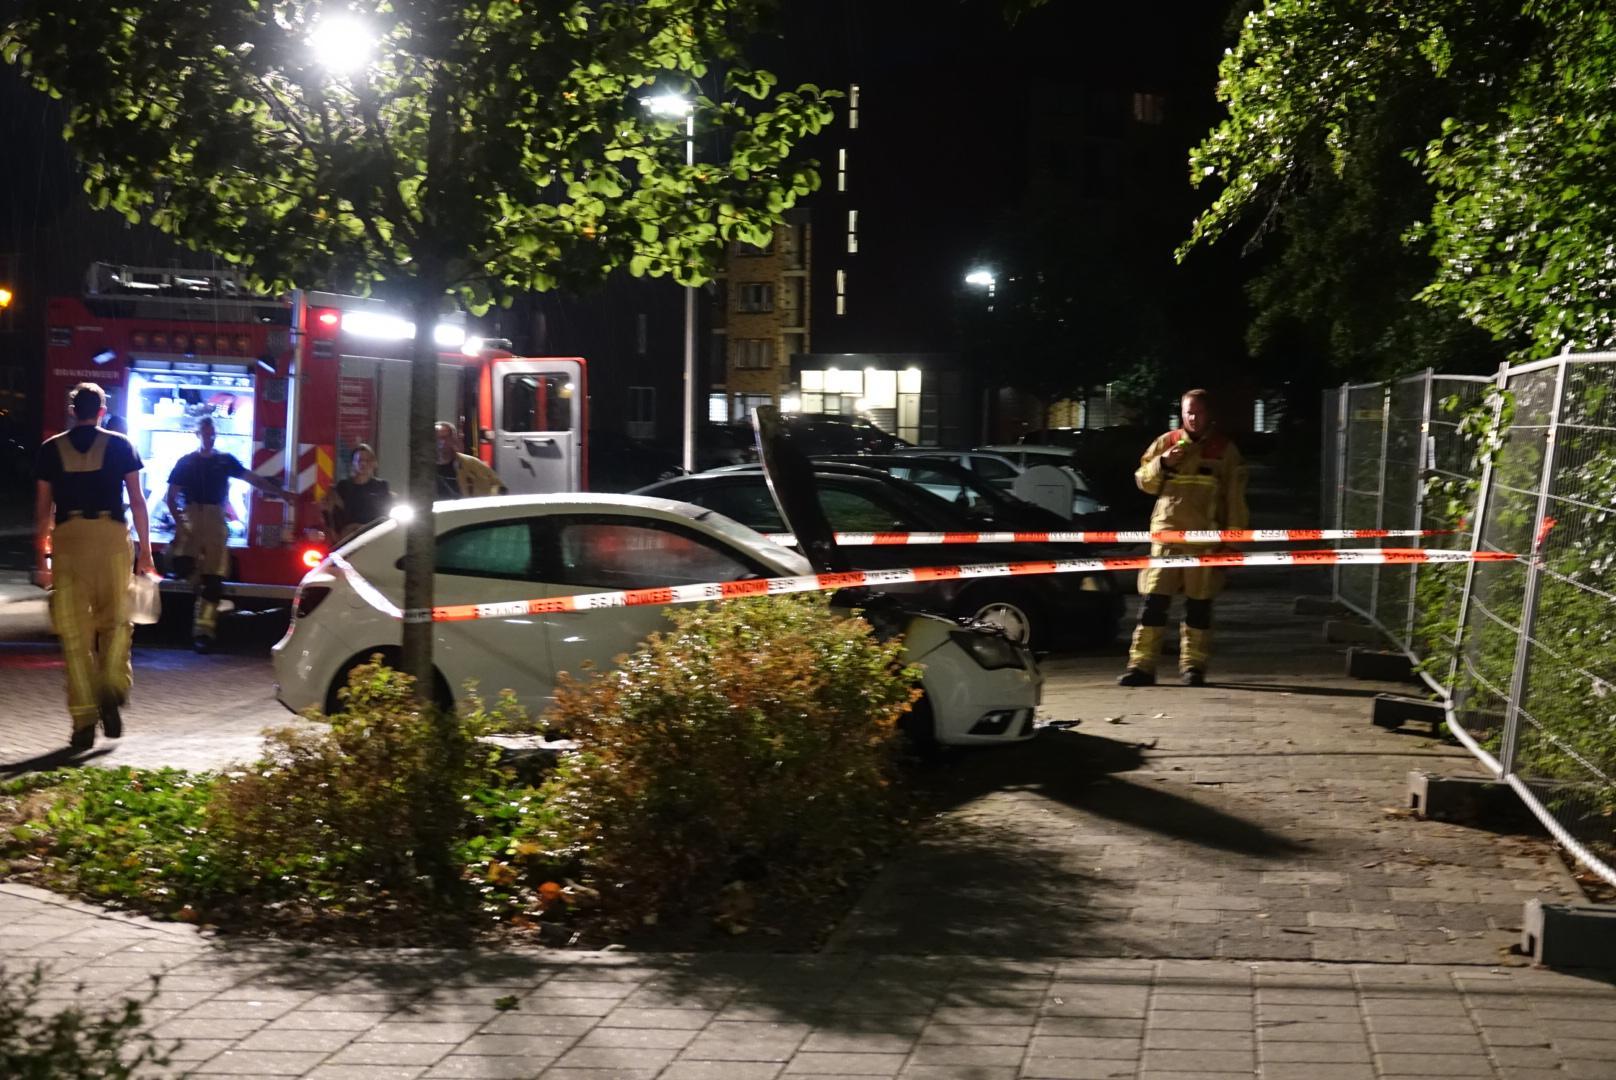 Autobrand in Purmerend is vermoedelijk aangestoken